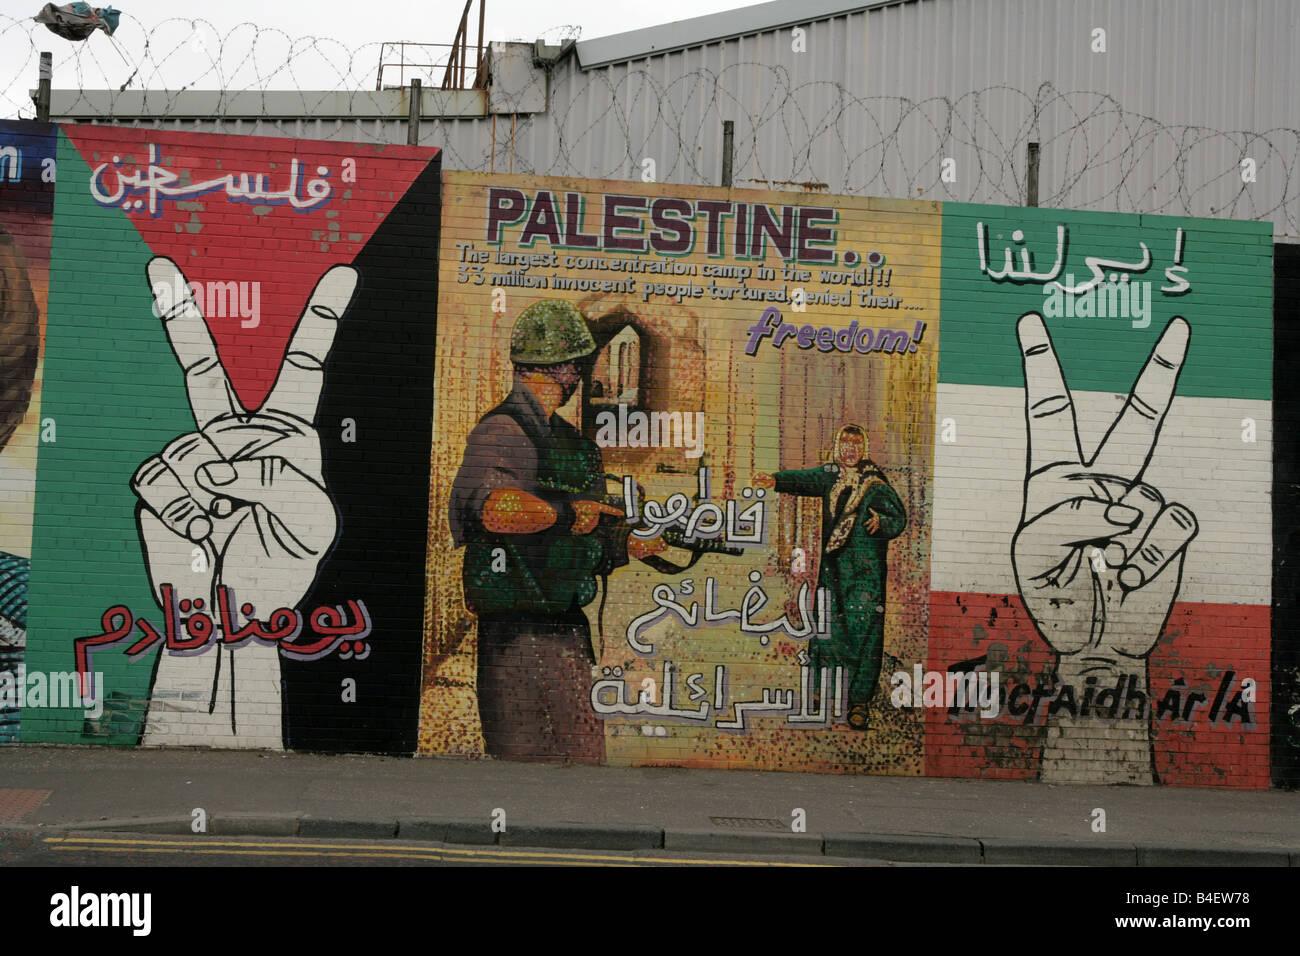 Republican murals in belfast northern ireland uk stock for Mural in belfast